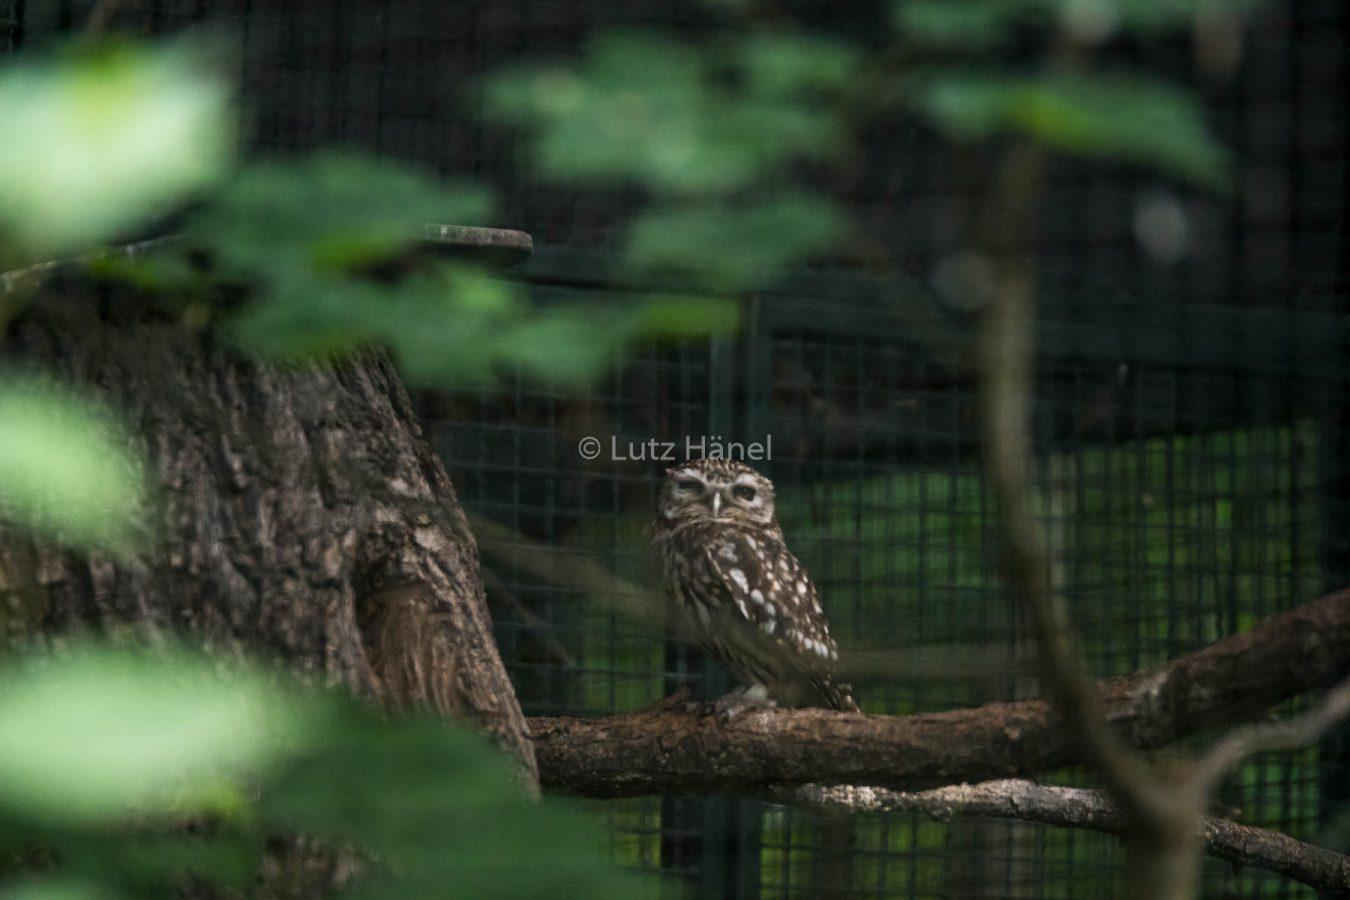 Dieses Habichtskauz Foto wirkt ein wenig als ob es in der Wildnis entstanden ist. Es ist im Tierpark von Berlin entstanden.